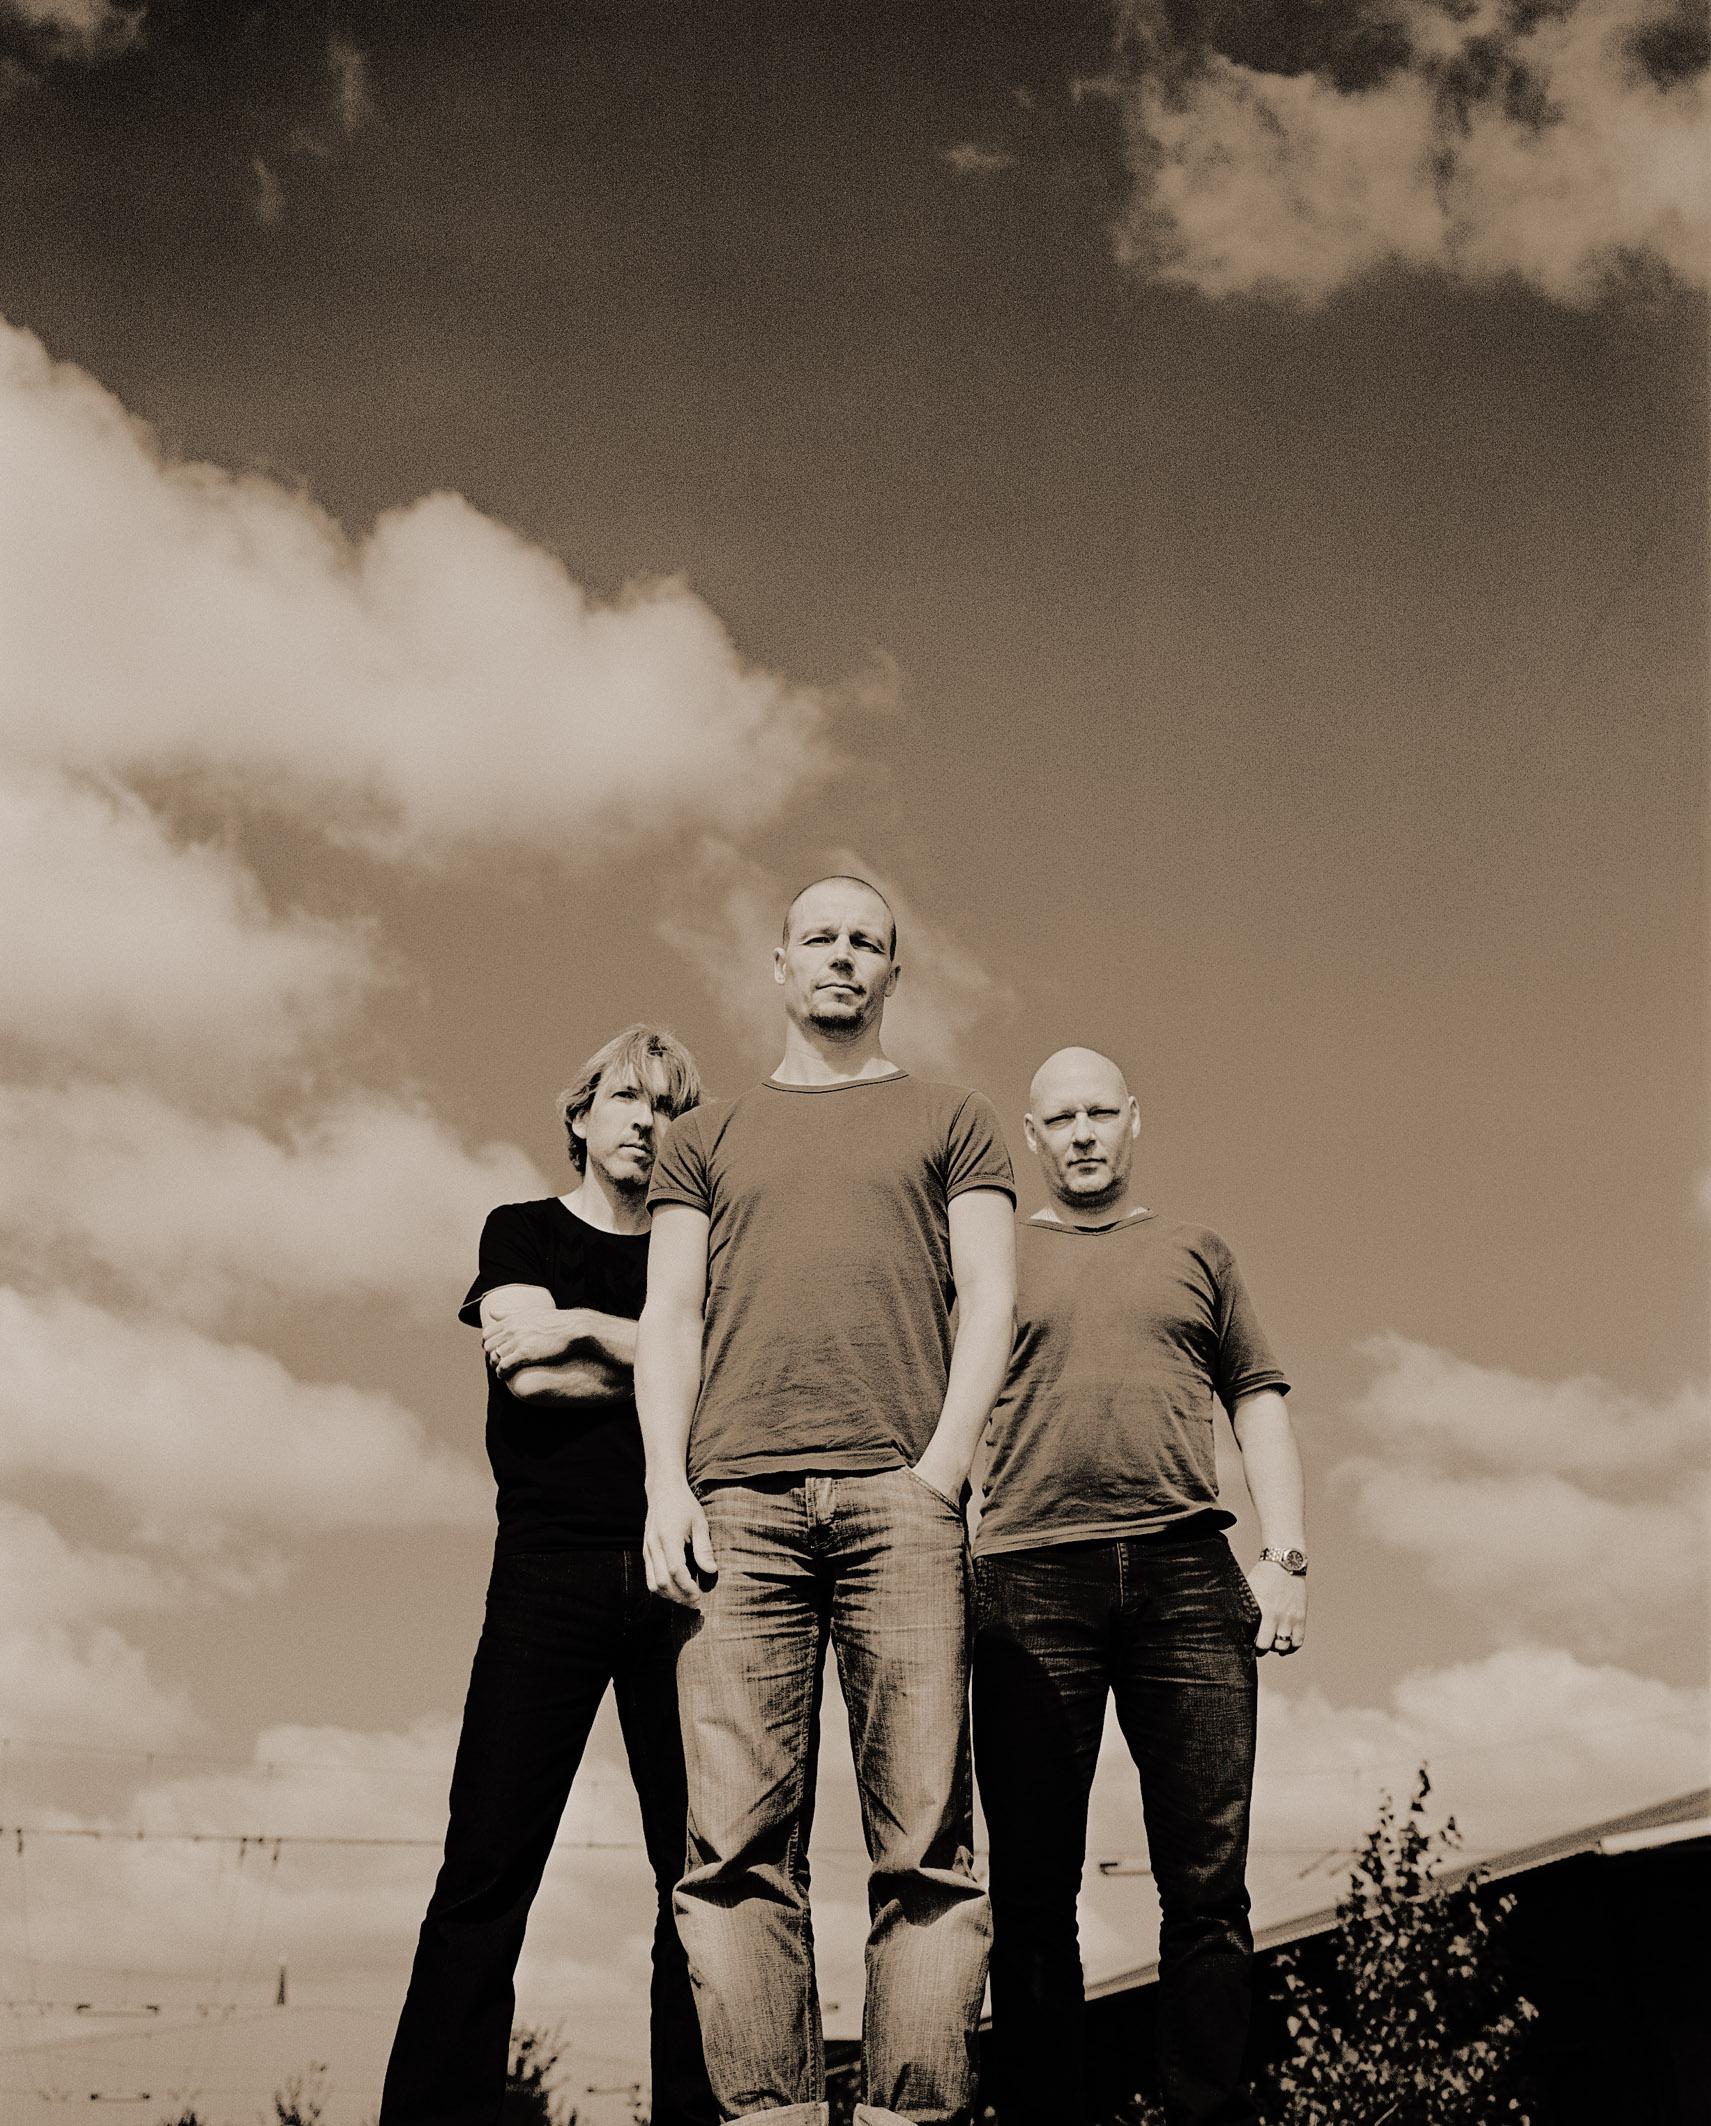 Esbjorn Svensson, Dan Berglund, Magnus Ostrom